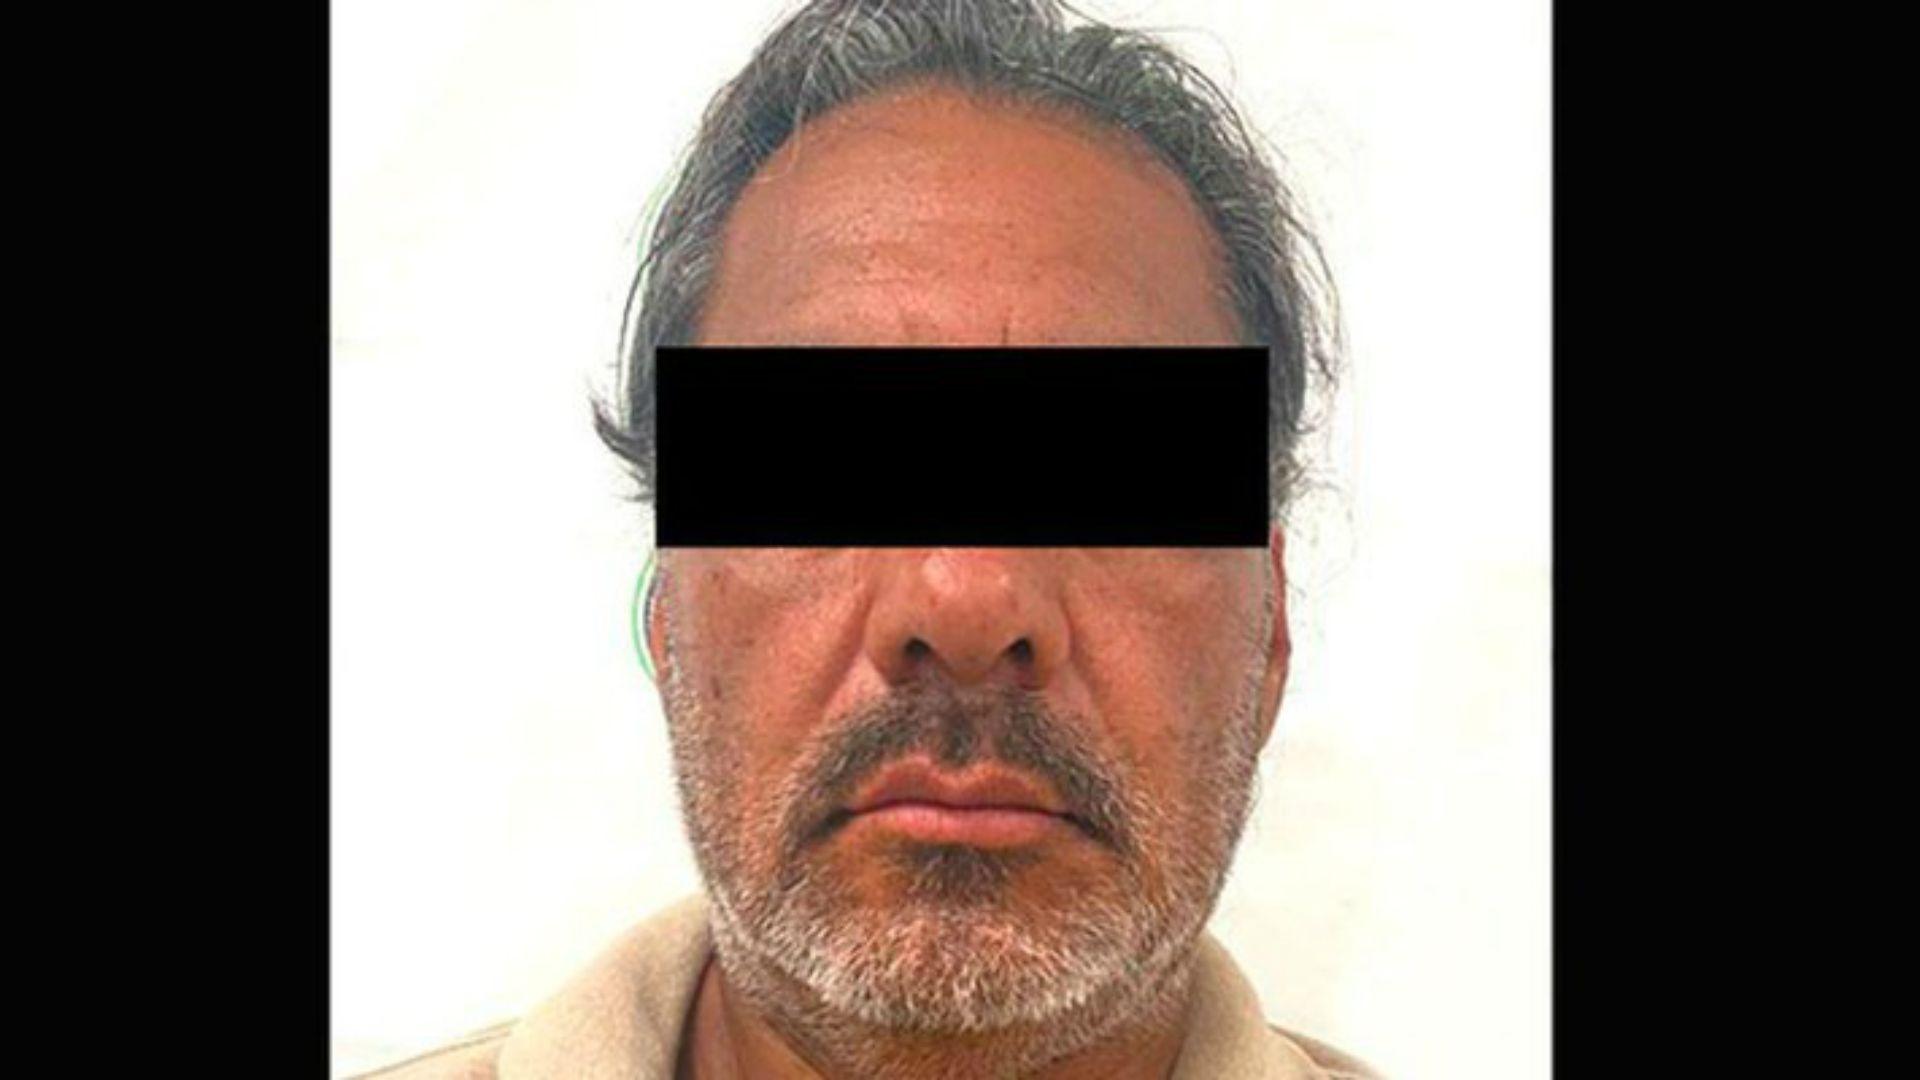 El Domingo enfrentará cargos por su probable responsabilidad en los delitos de asociación delictuosa, contra la salud y lavado de dinero ante la corte federal de California (Foto: Cortesía)